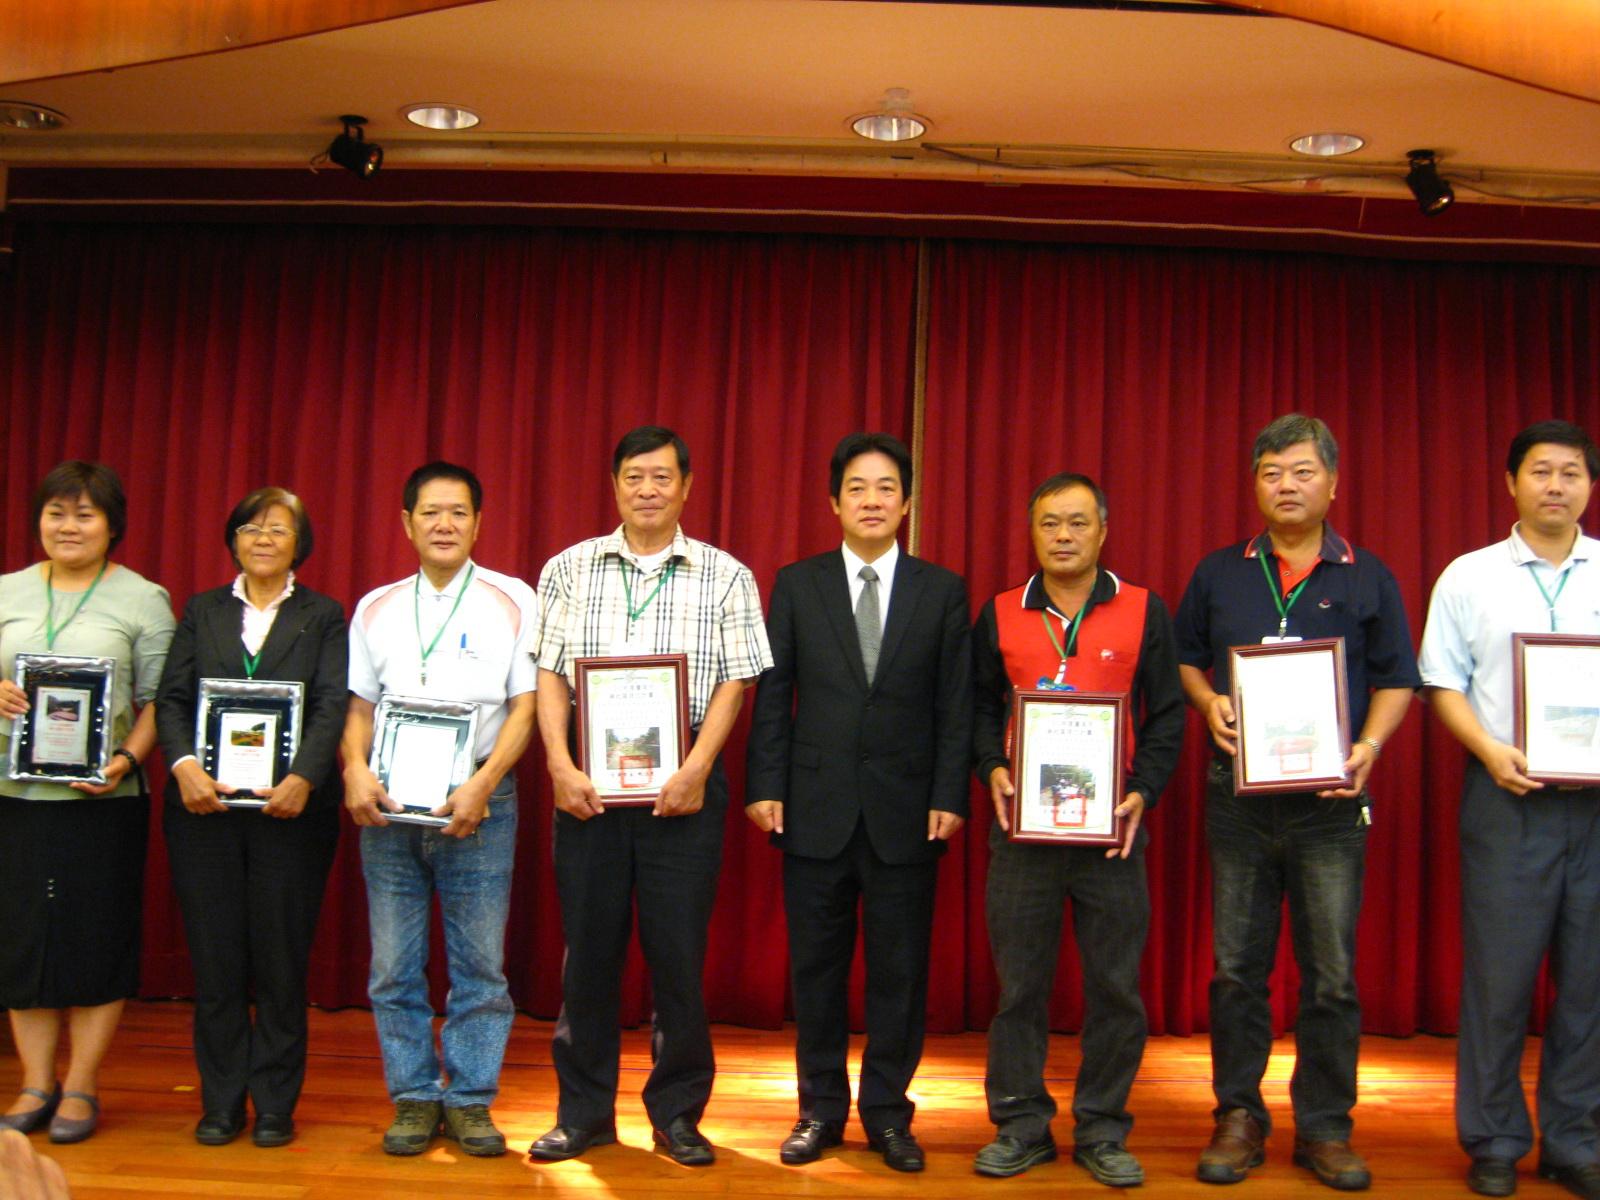 培力綠色社區,打造永續家園!臺南市社區營造座談會暨100年度社區環境改造成果發表會  1